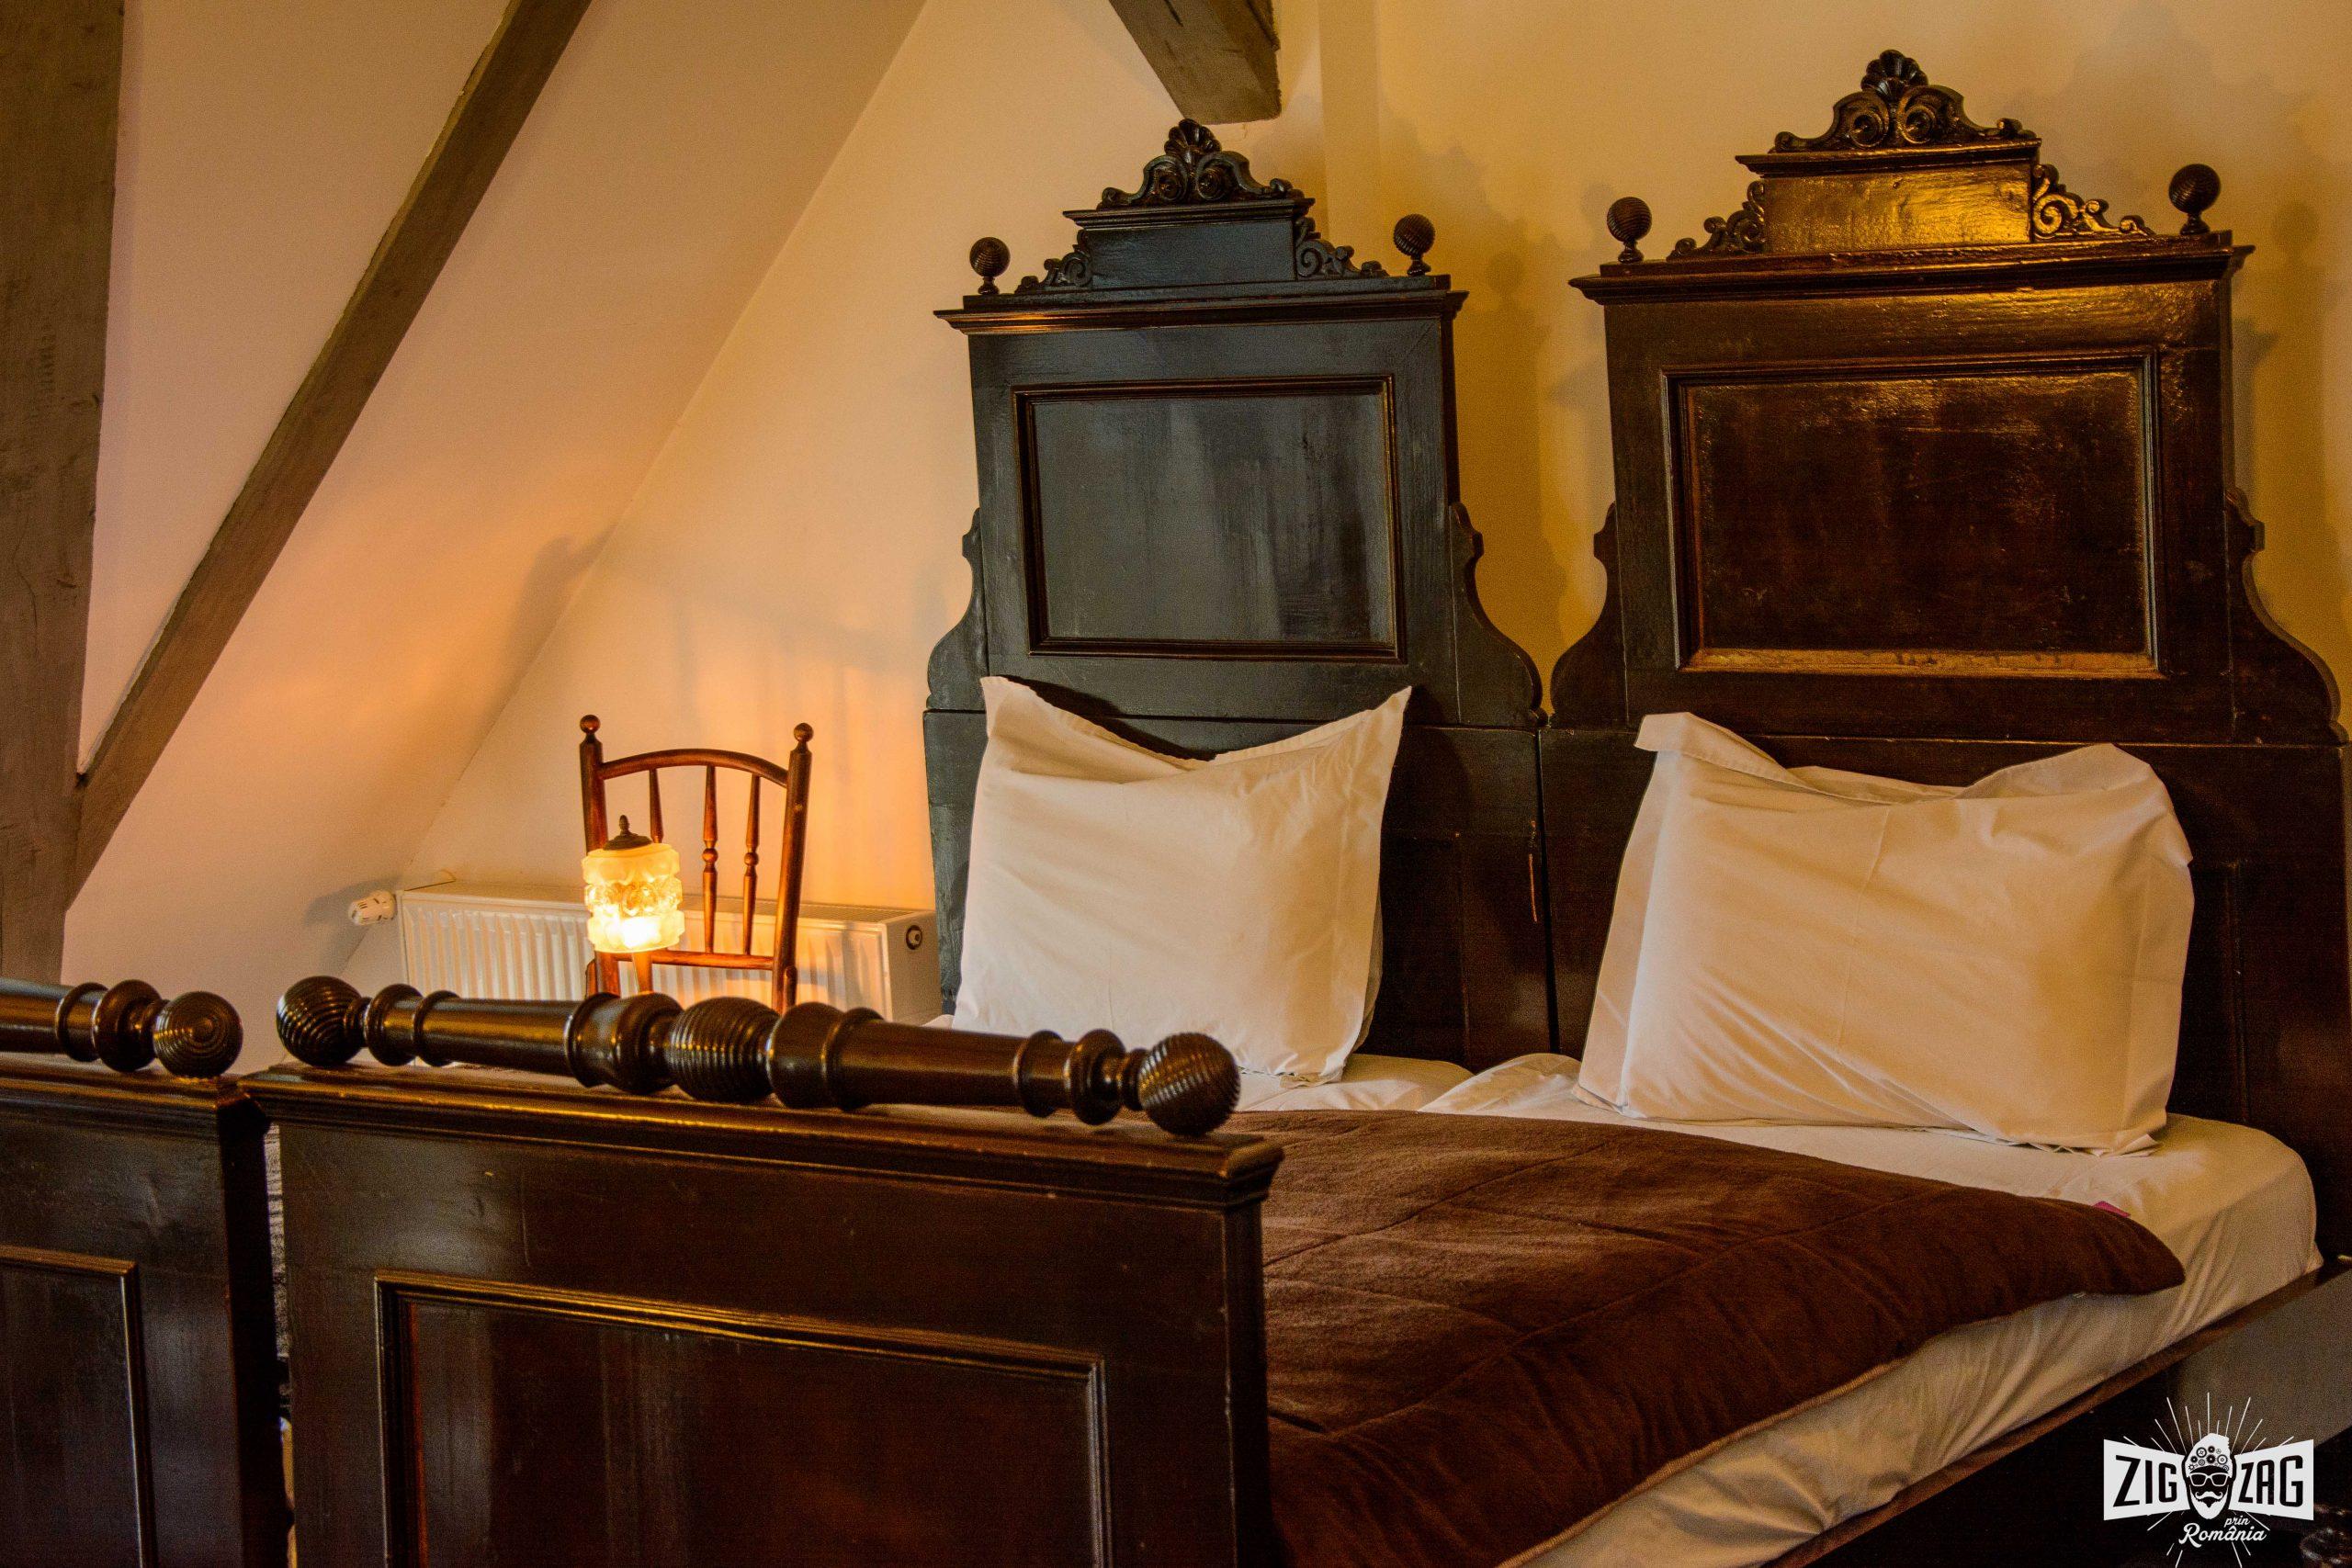 conacul archia paturi